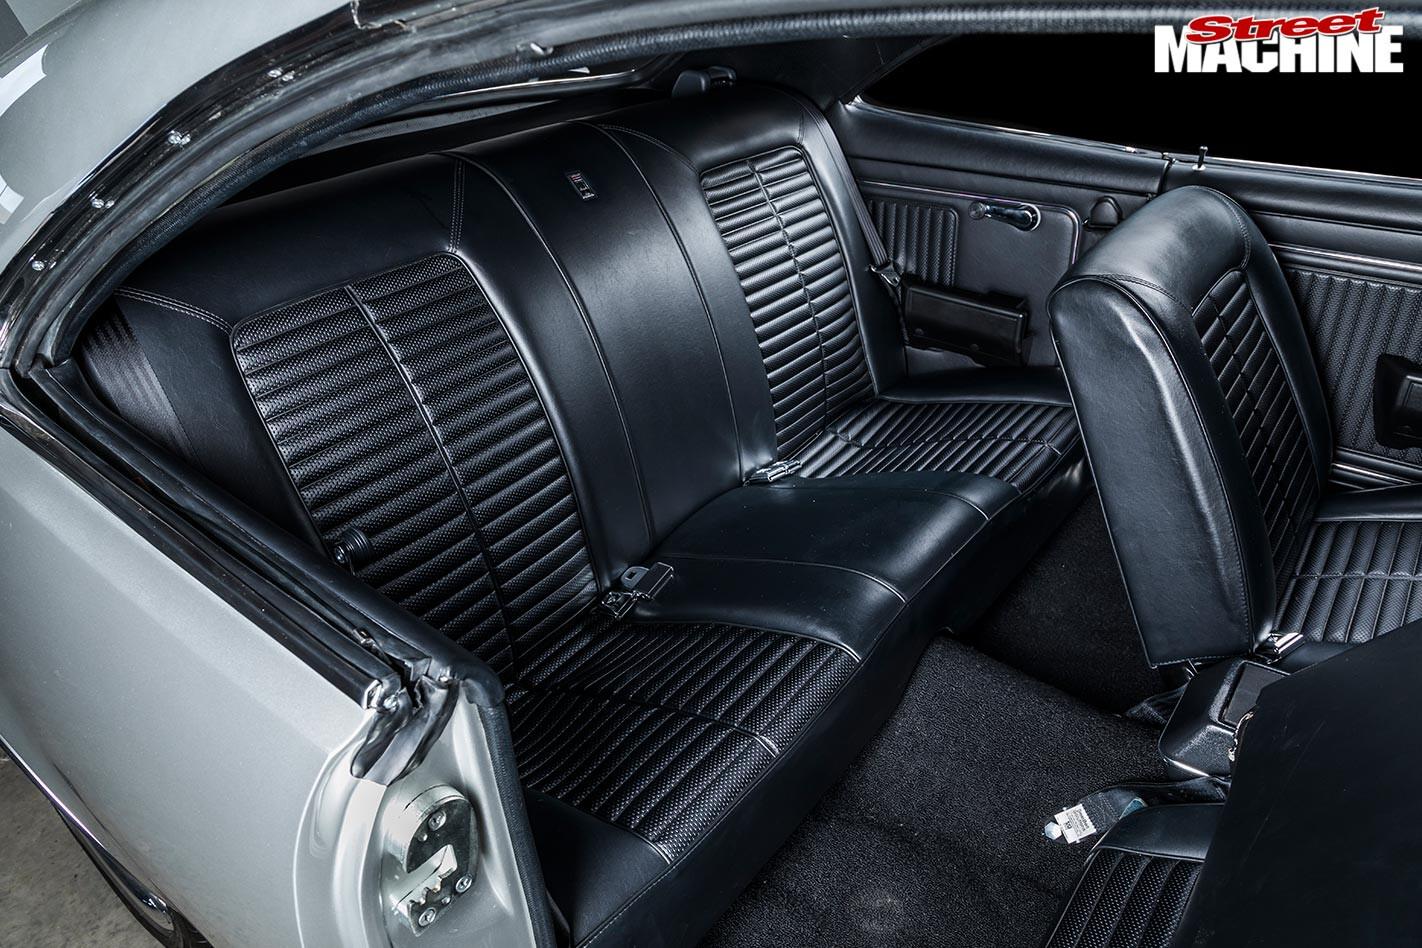 Holden HK Monaro rear seats